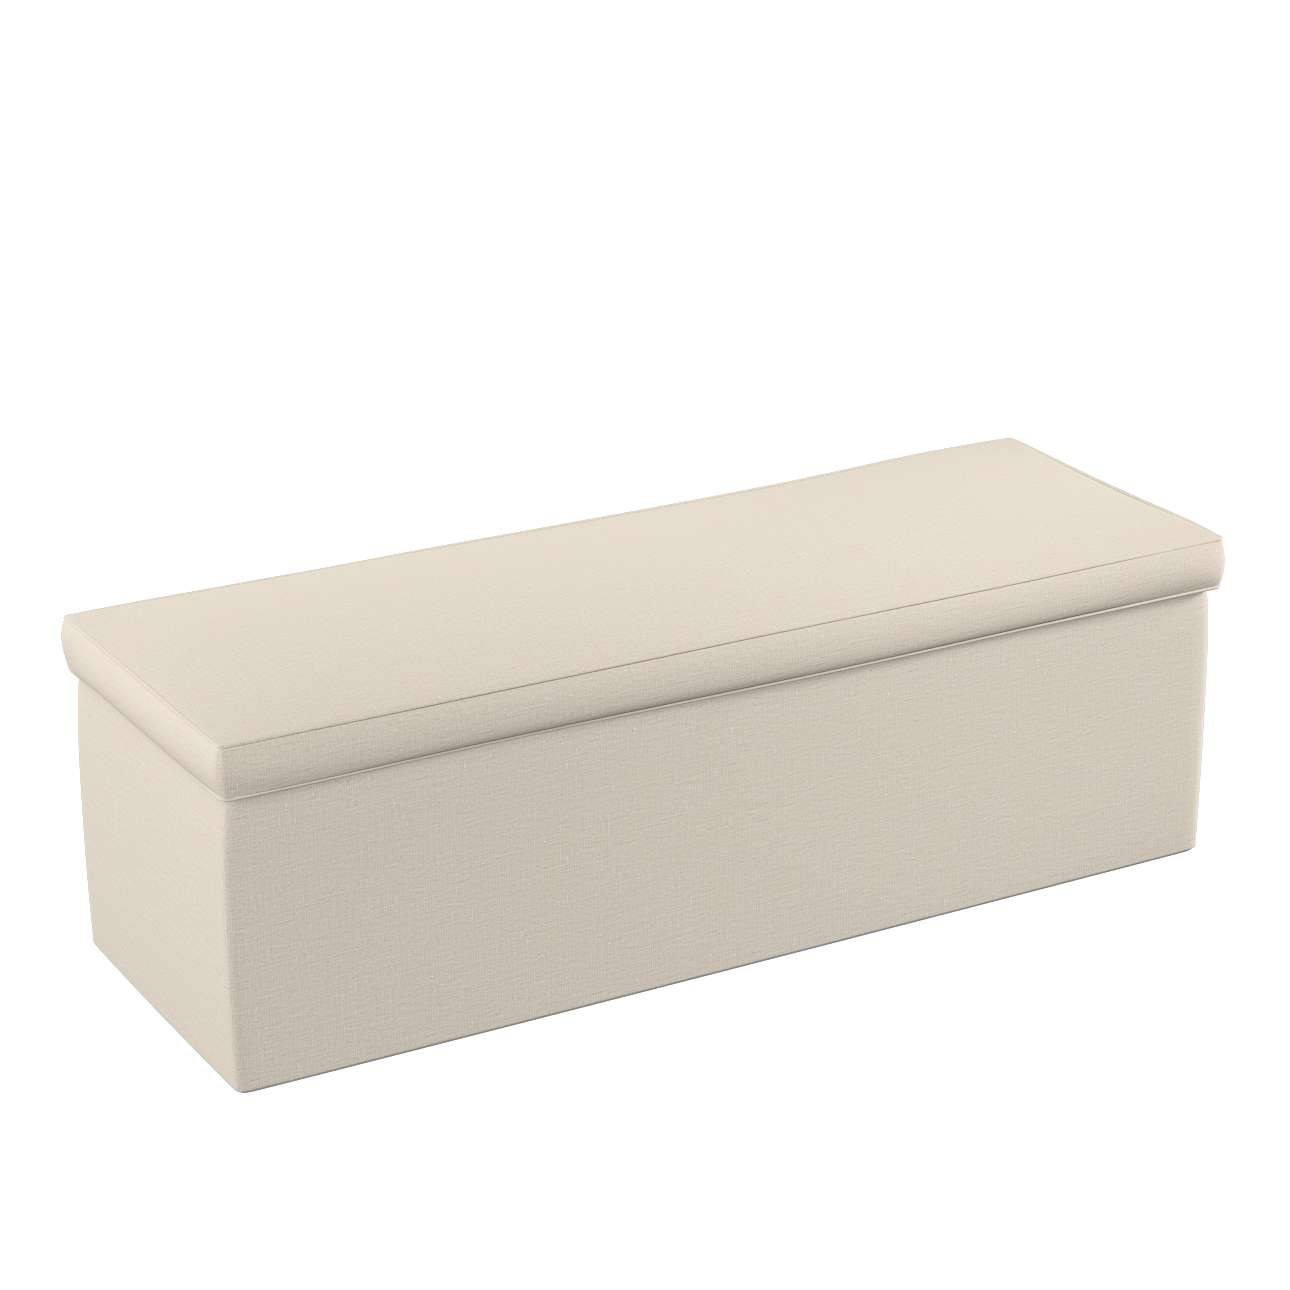 Čalouněná skříň s volbou látky - 2 velikosti v kolekci Linen, látka: 392-05